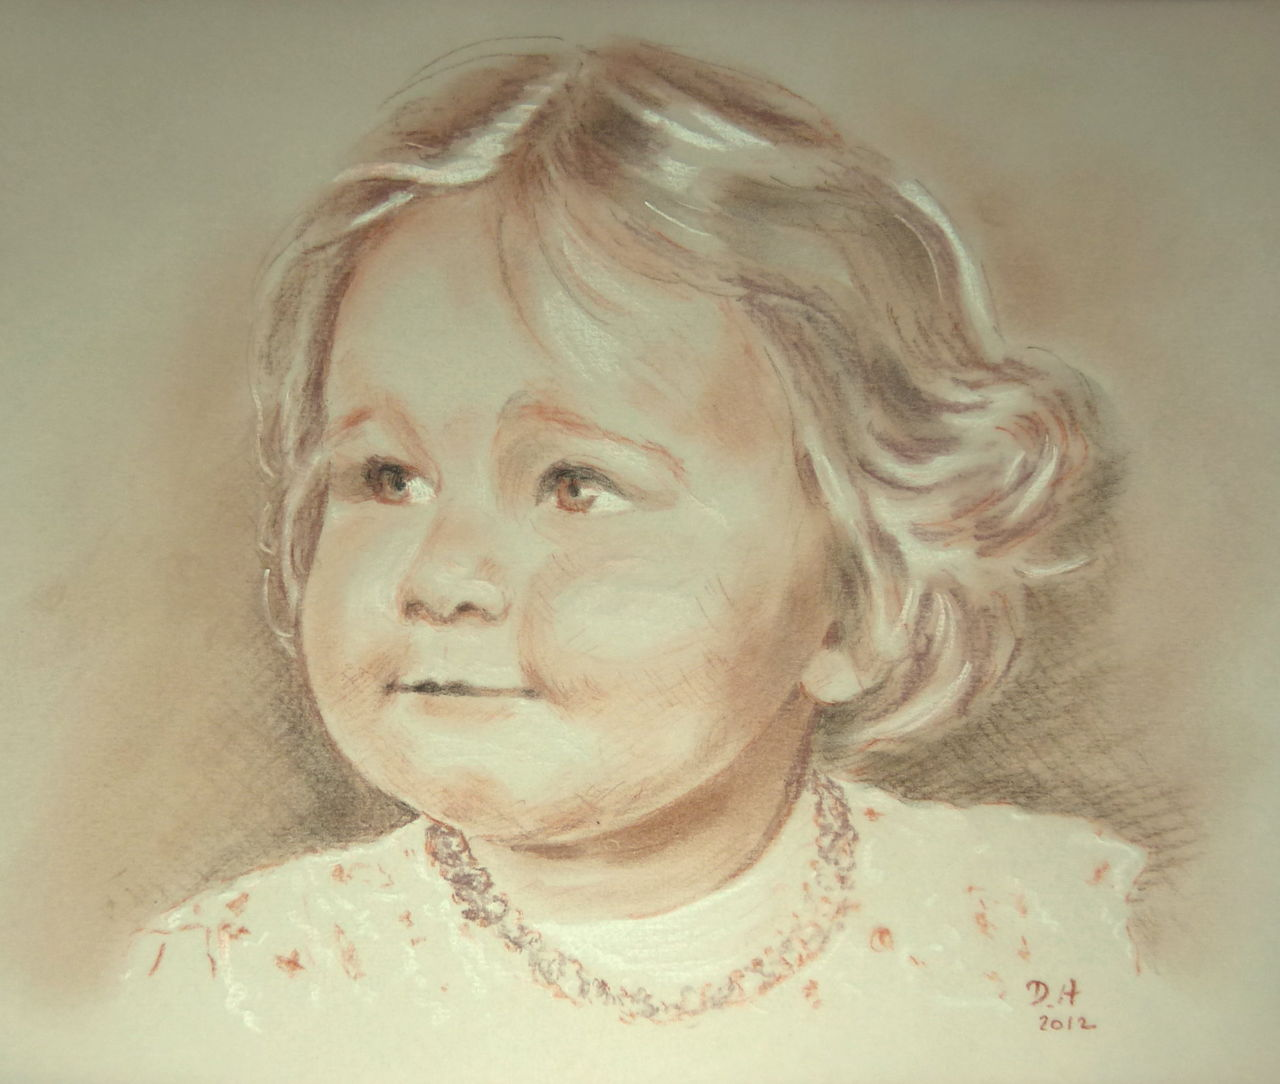 Danielle Arnal innocence